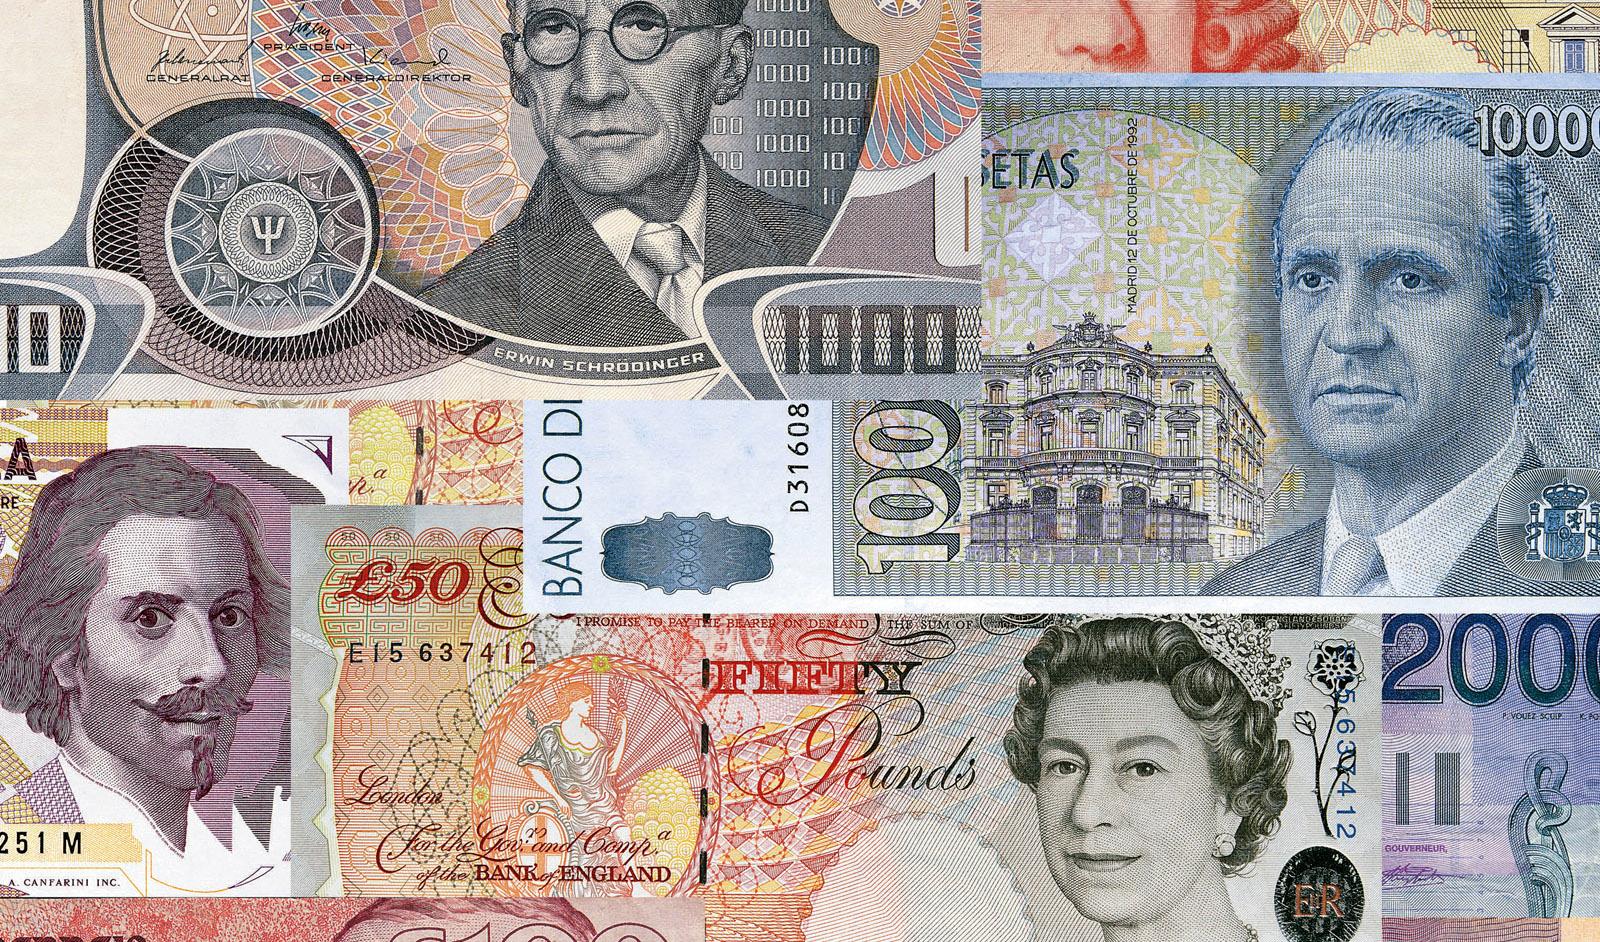 سقوط ارزش پوند به پایینترین سطح ۳۵ سال گذشته